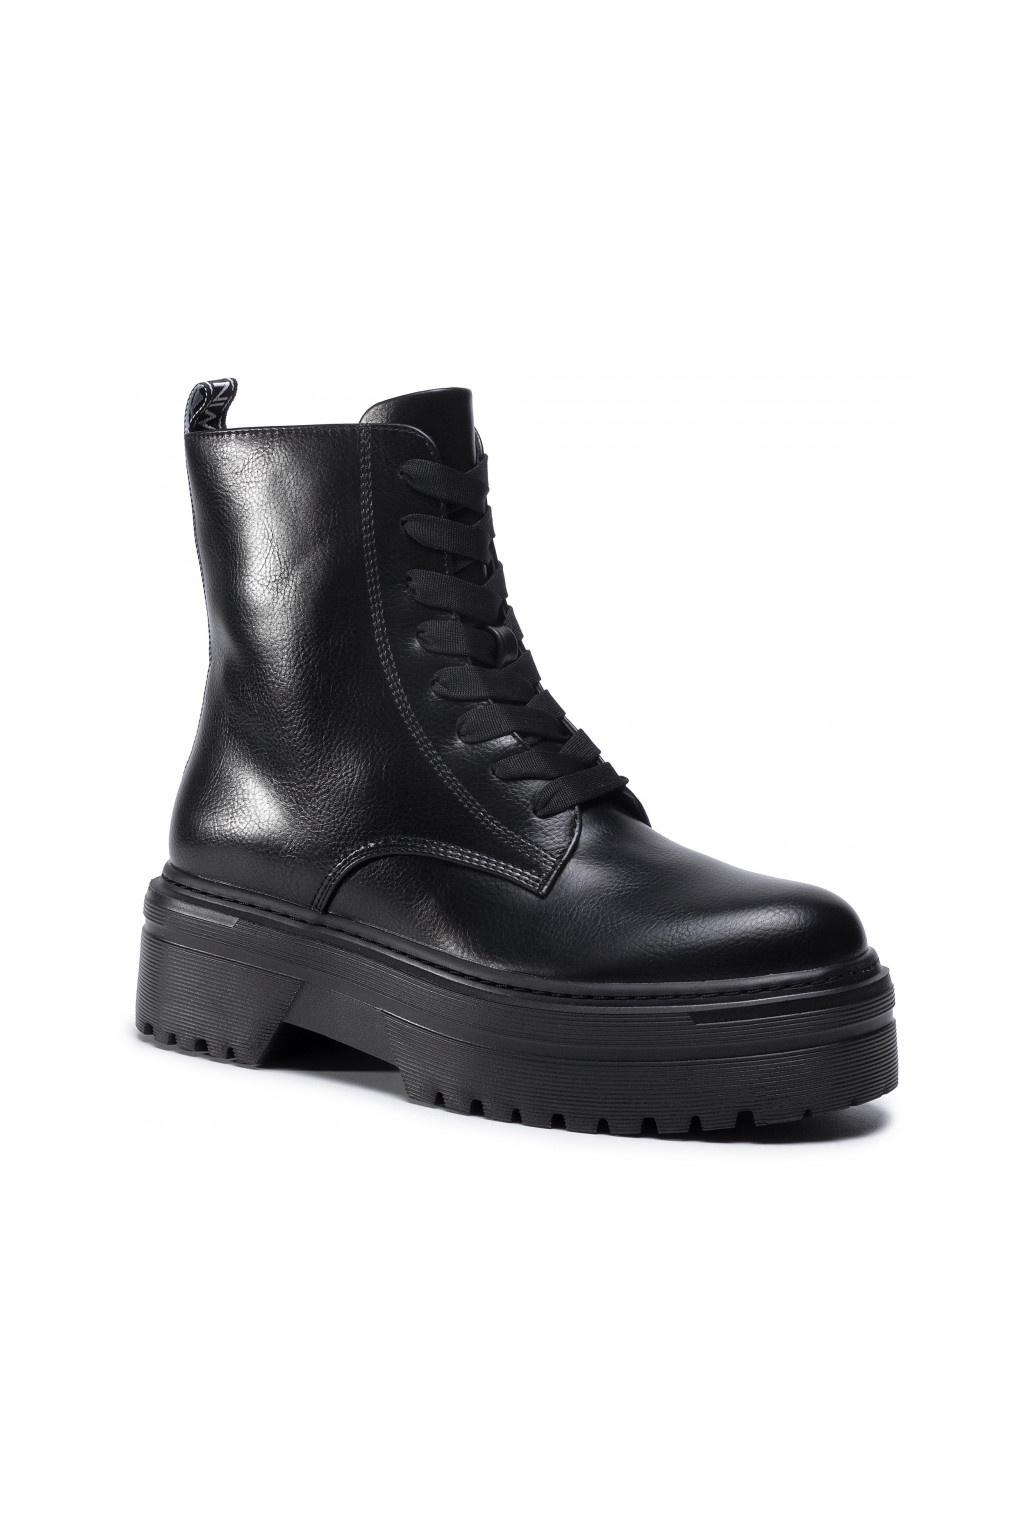 202MCP080 00006 Dámská obuv Twinset černá